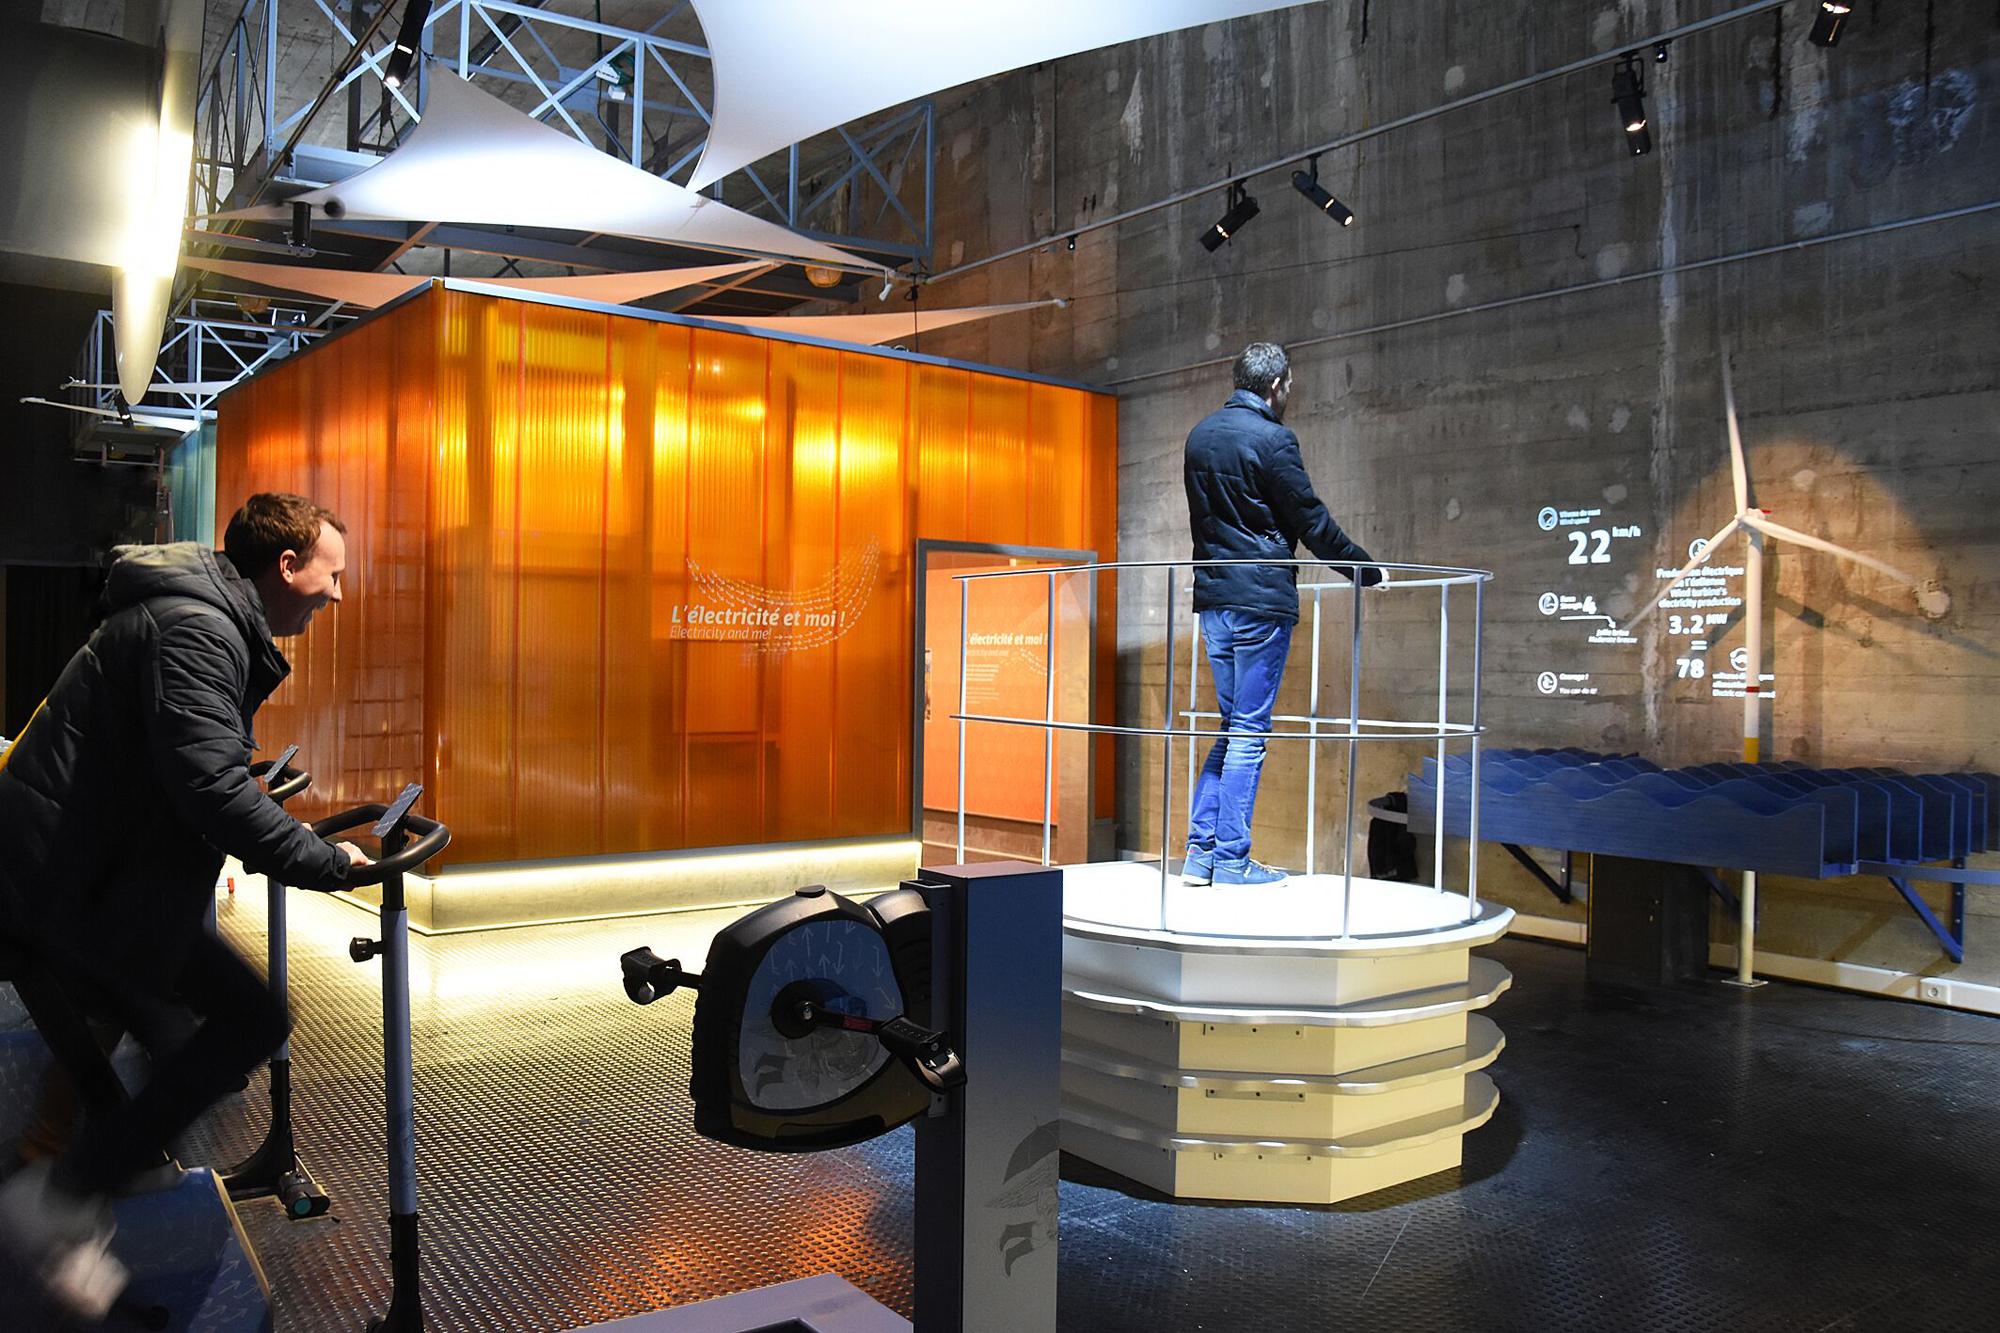 EOL, Centre éolien, premier équipement touristique de découverte de l'éolien en mer à destination du grand public